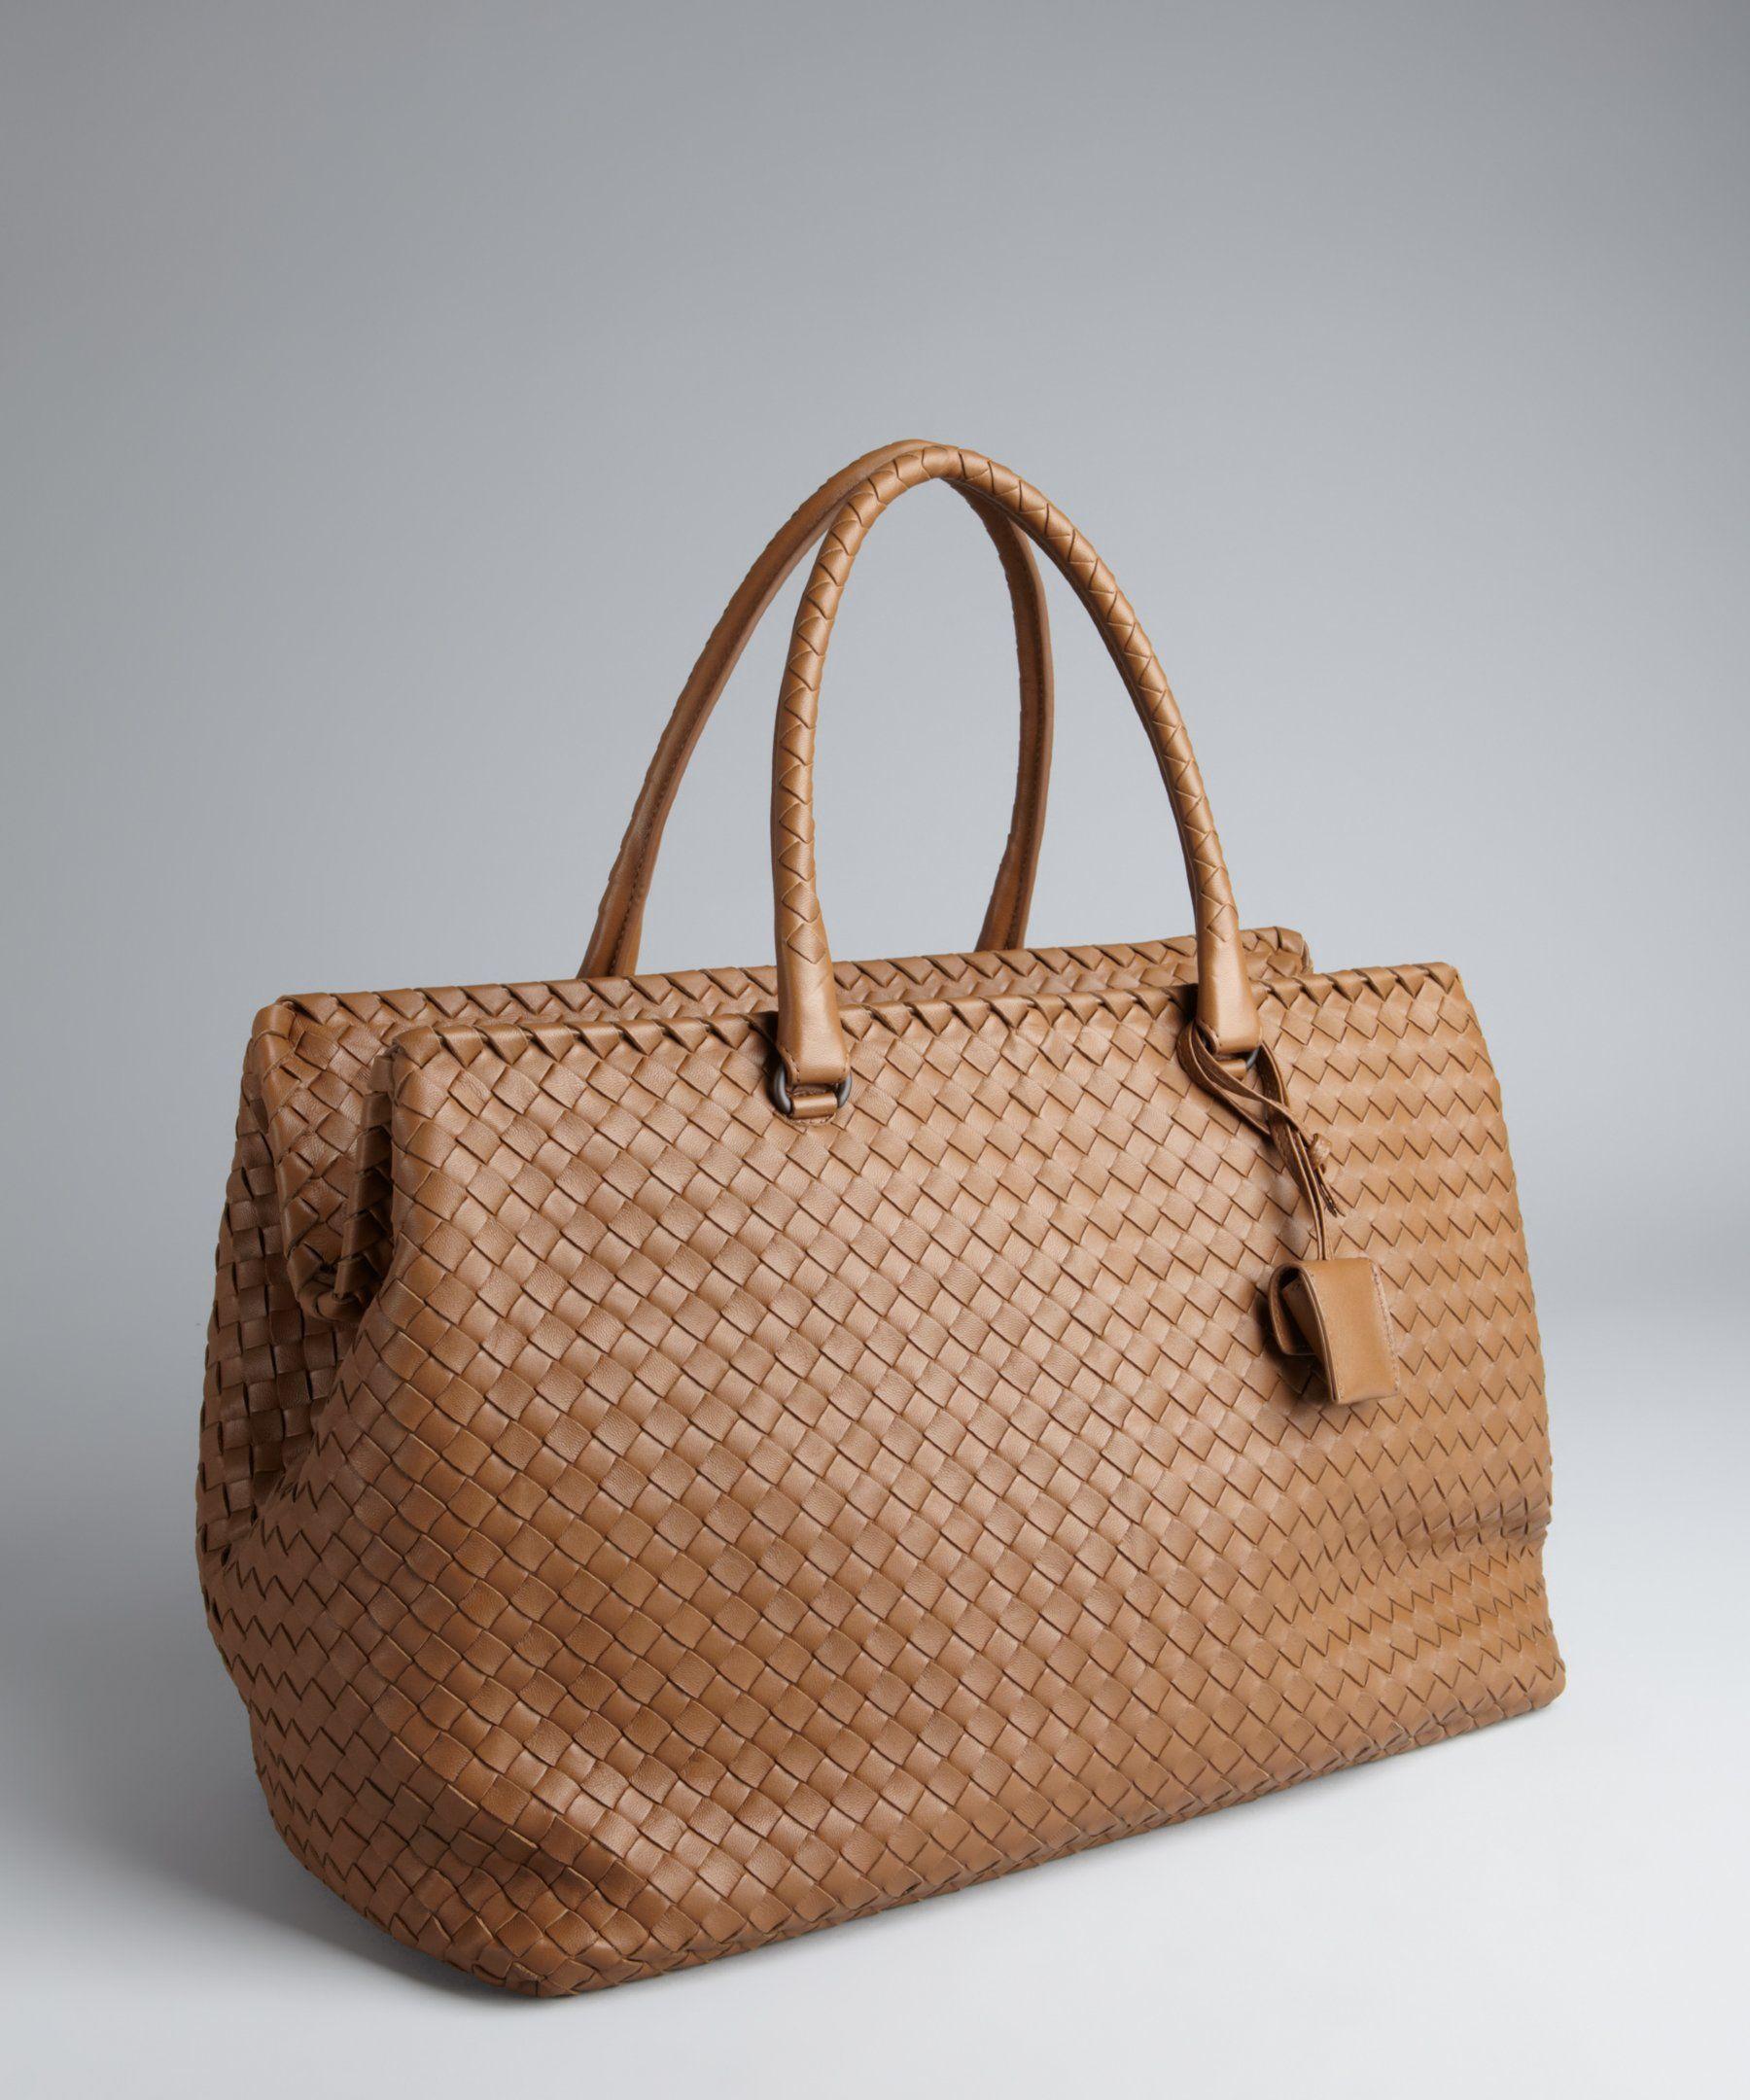 Designer Fake Whole Handbags Handbag Por Outlet Brand